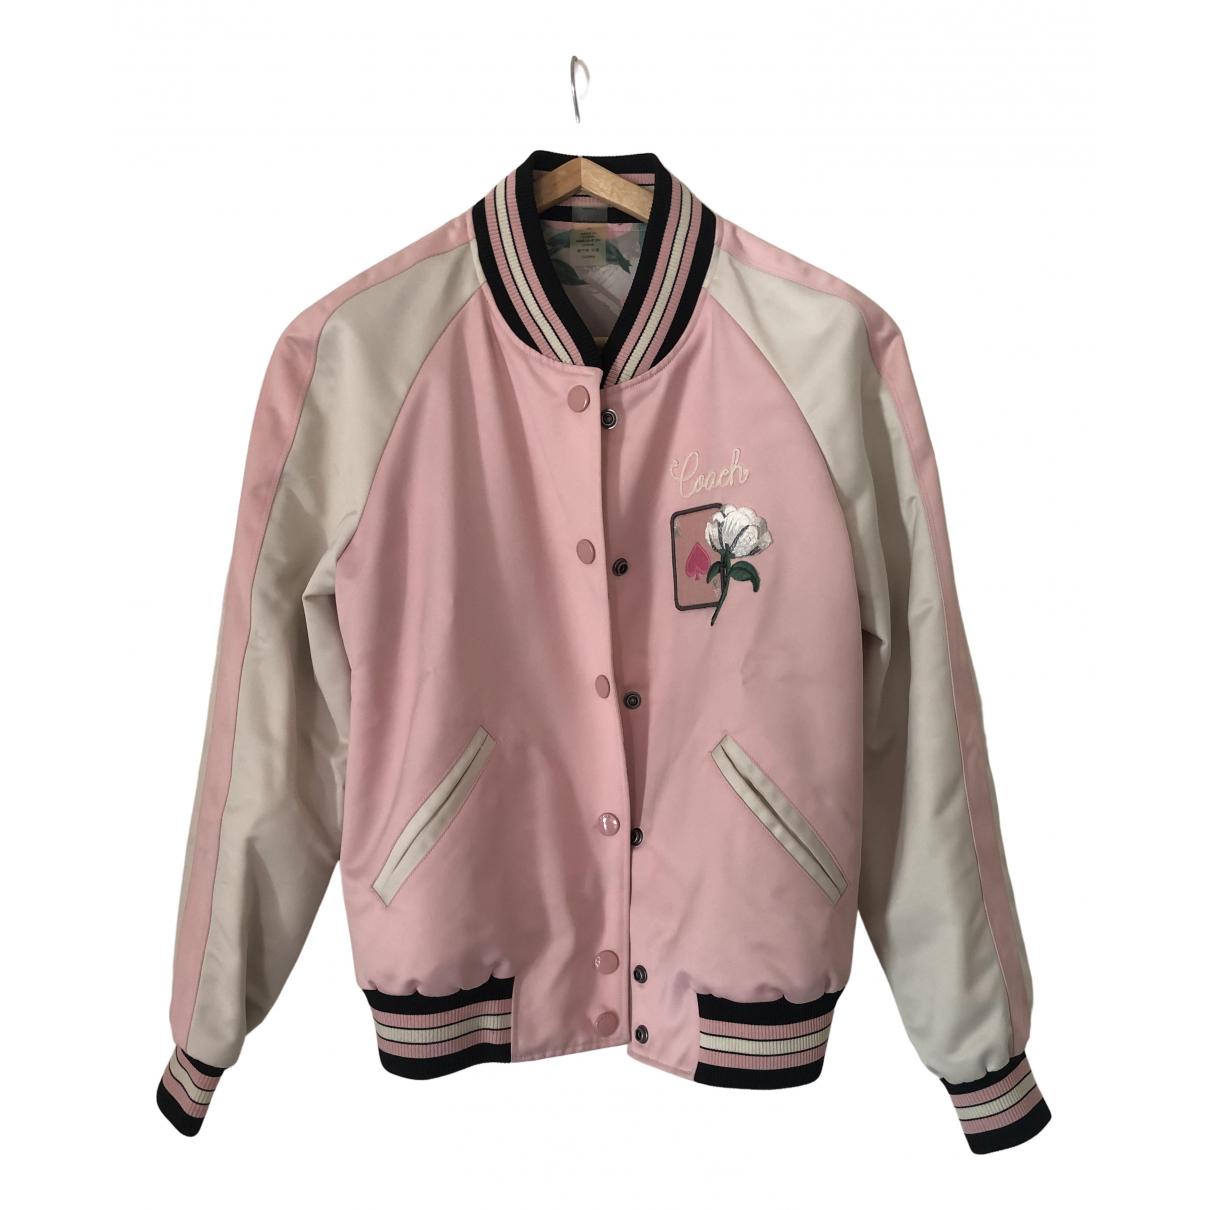 Coach - Blouson   pour femme - rose